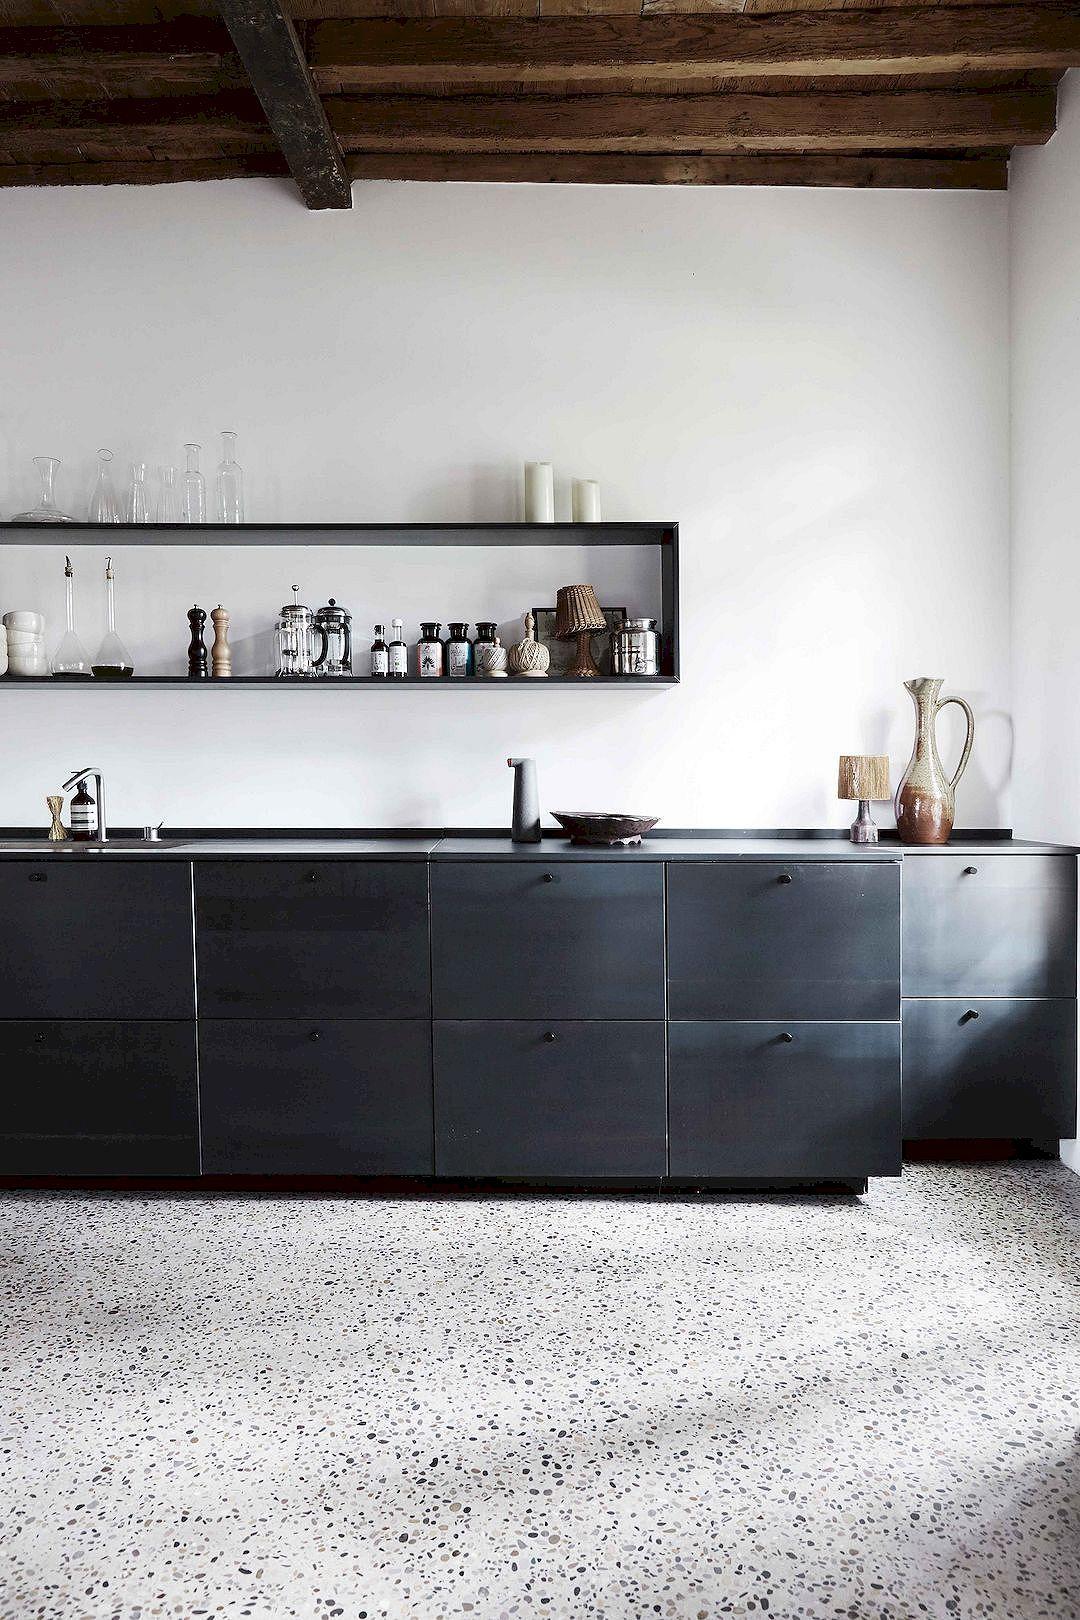 Choix dustensiles de cuisine petit électroménager plats accessoires de rangement et objets déco pour la cuisine livraison magasin gratuite